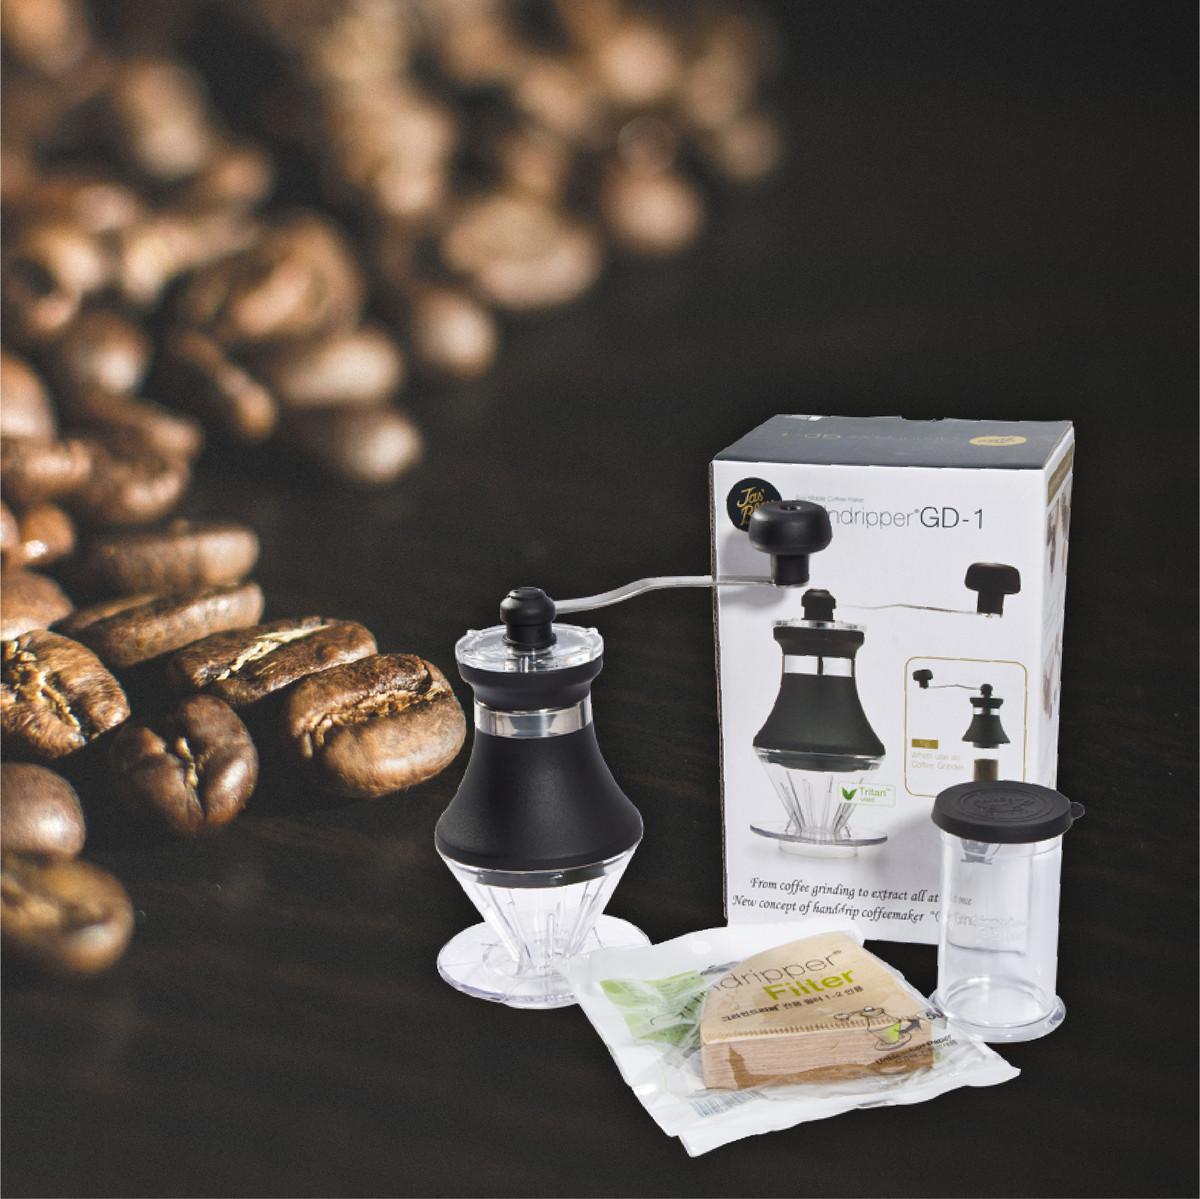 【首页关注店铺券后15.9】Jas'Bleu咖啡磨豆机套装